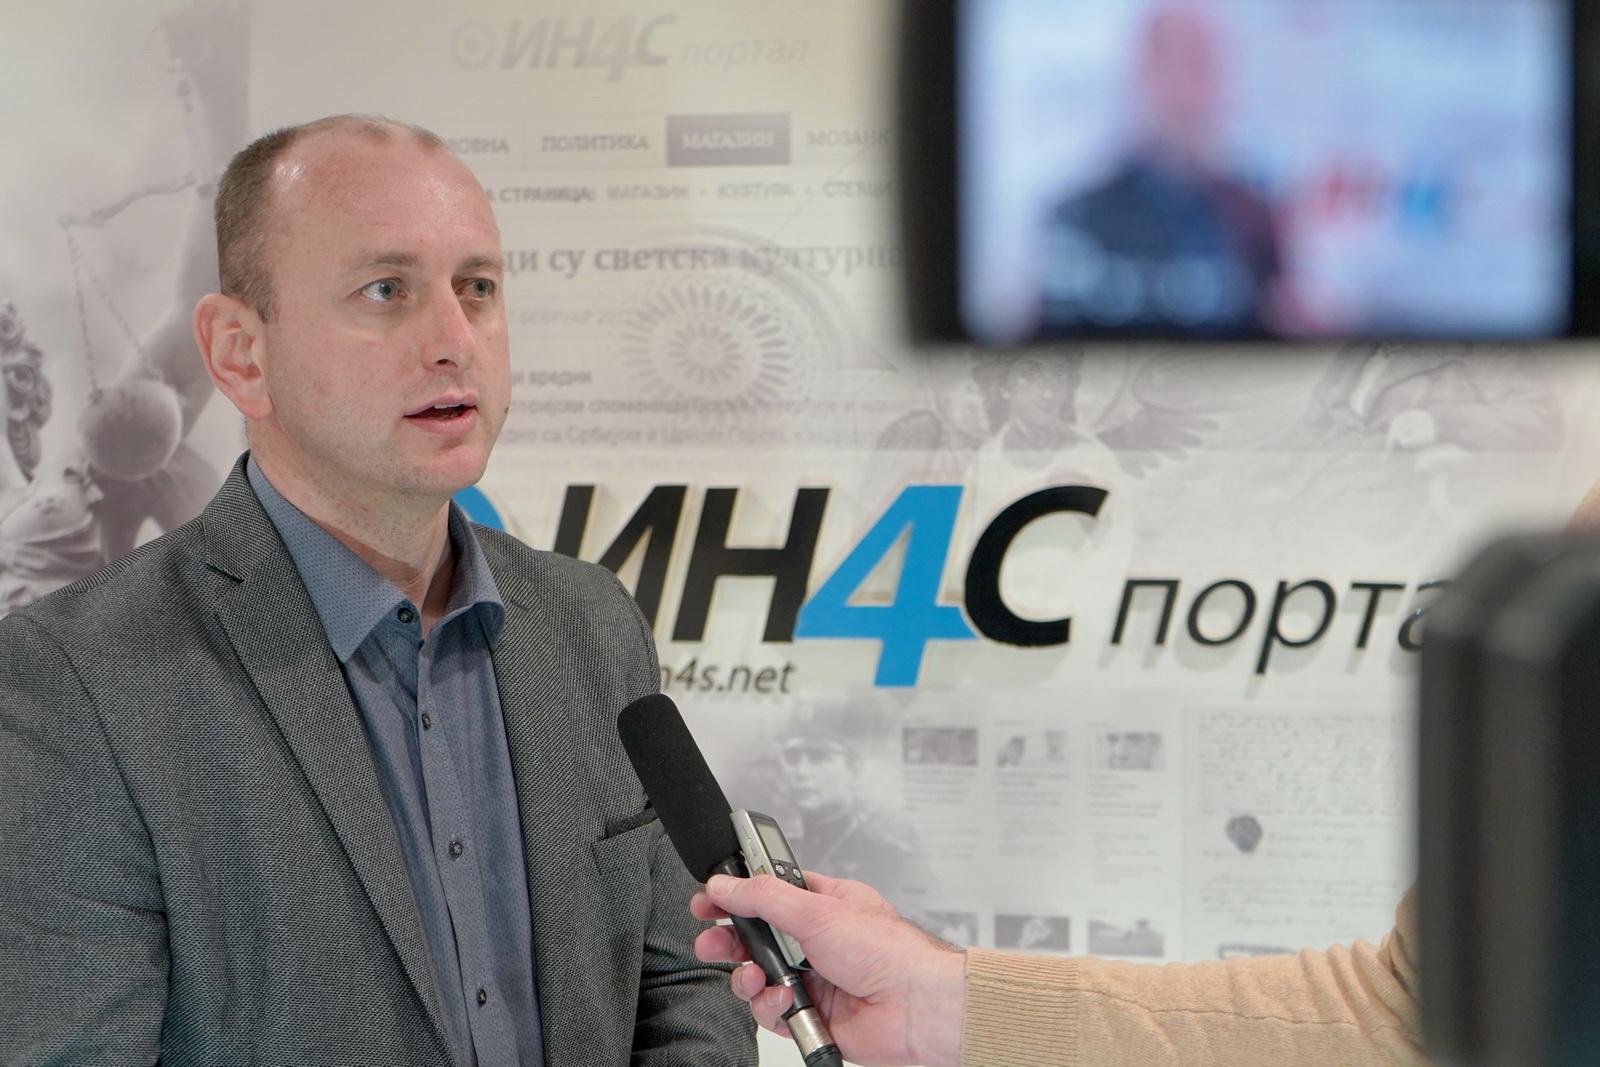 Кнежевић: МУП и функција потпредсједника за реформе сектора безбједности треба да припадну ДФ-у